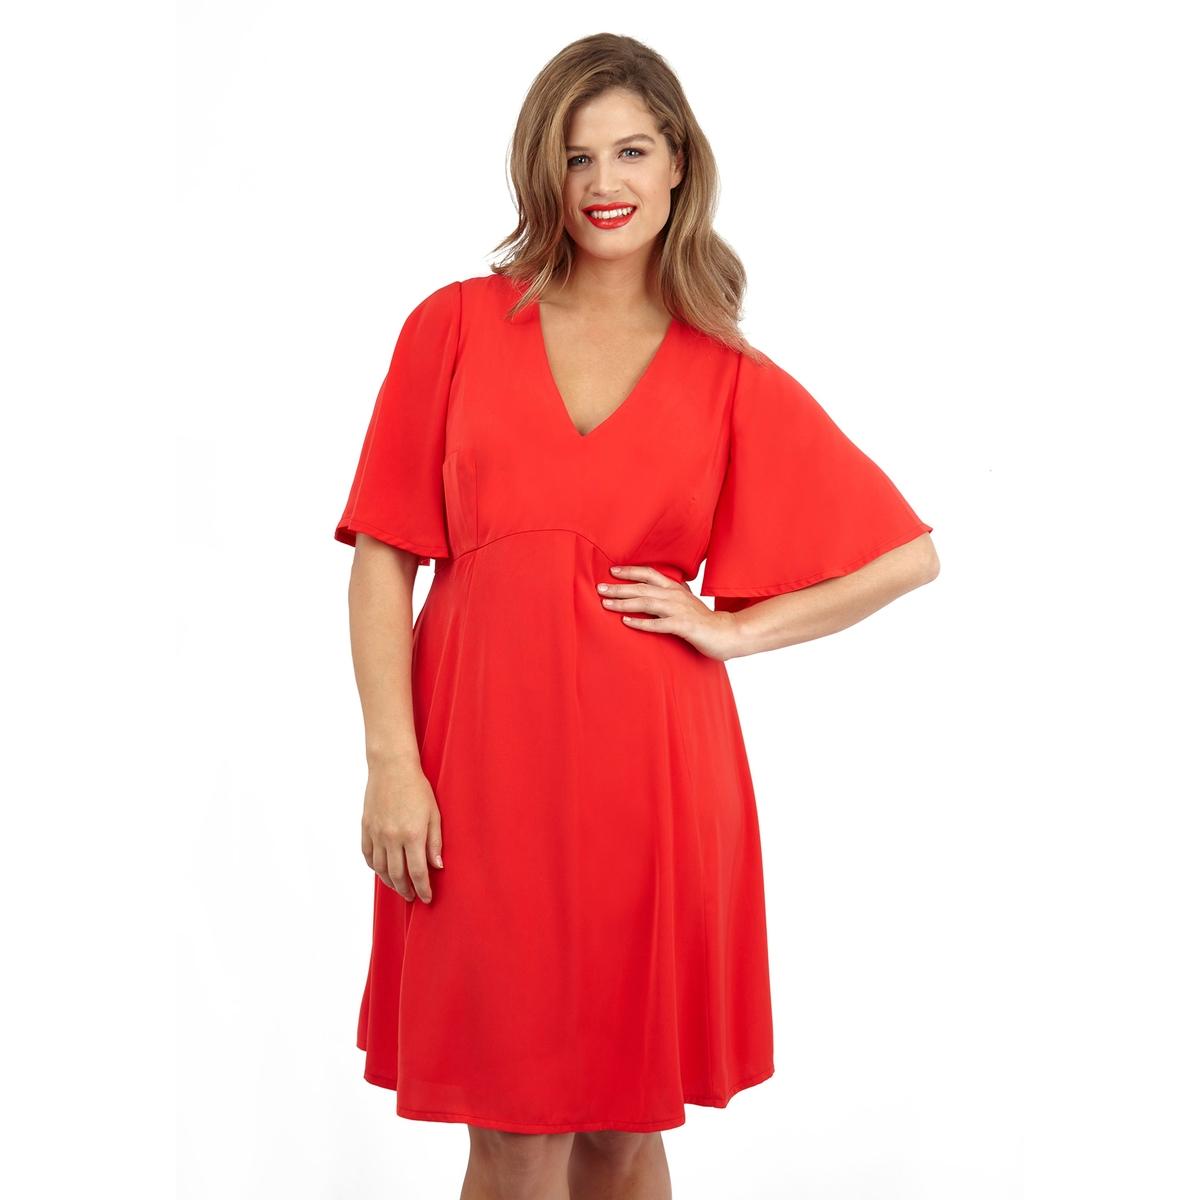 ПлатьеПлатье с короткими рукавами LOVEDROBE. Красивый глубокий V-образный вырез. 100% полиэстер.<br><br>Цвет: красный<br>Размер: 54/56 (FR) - 60/62 (RUS).44 (FR) - 50 (RUS).48 (FR) - 54 (RUS)